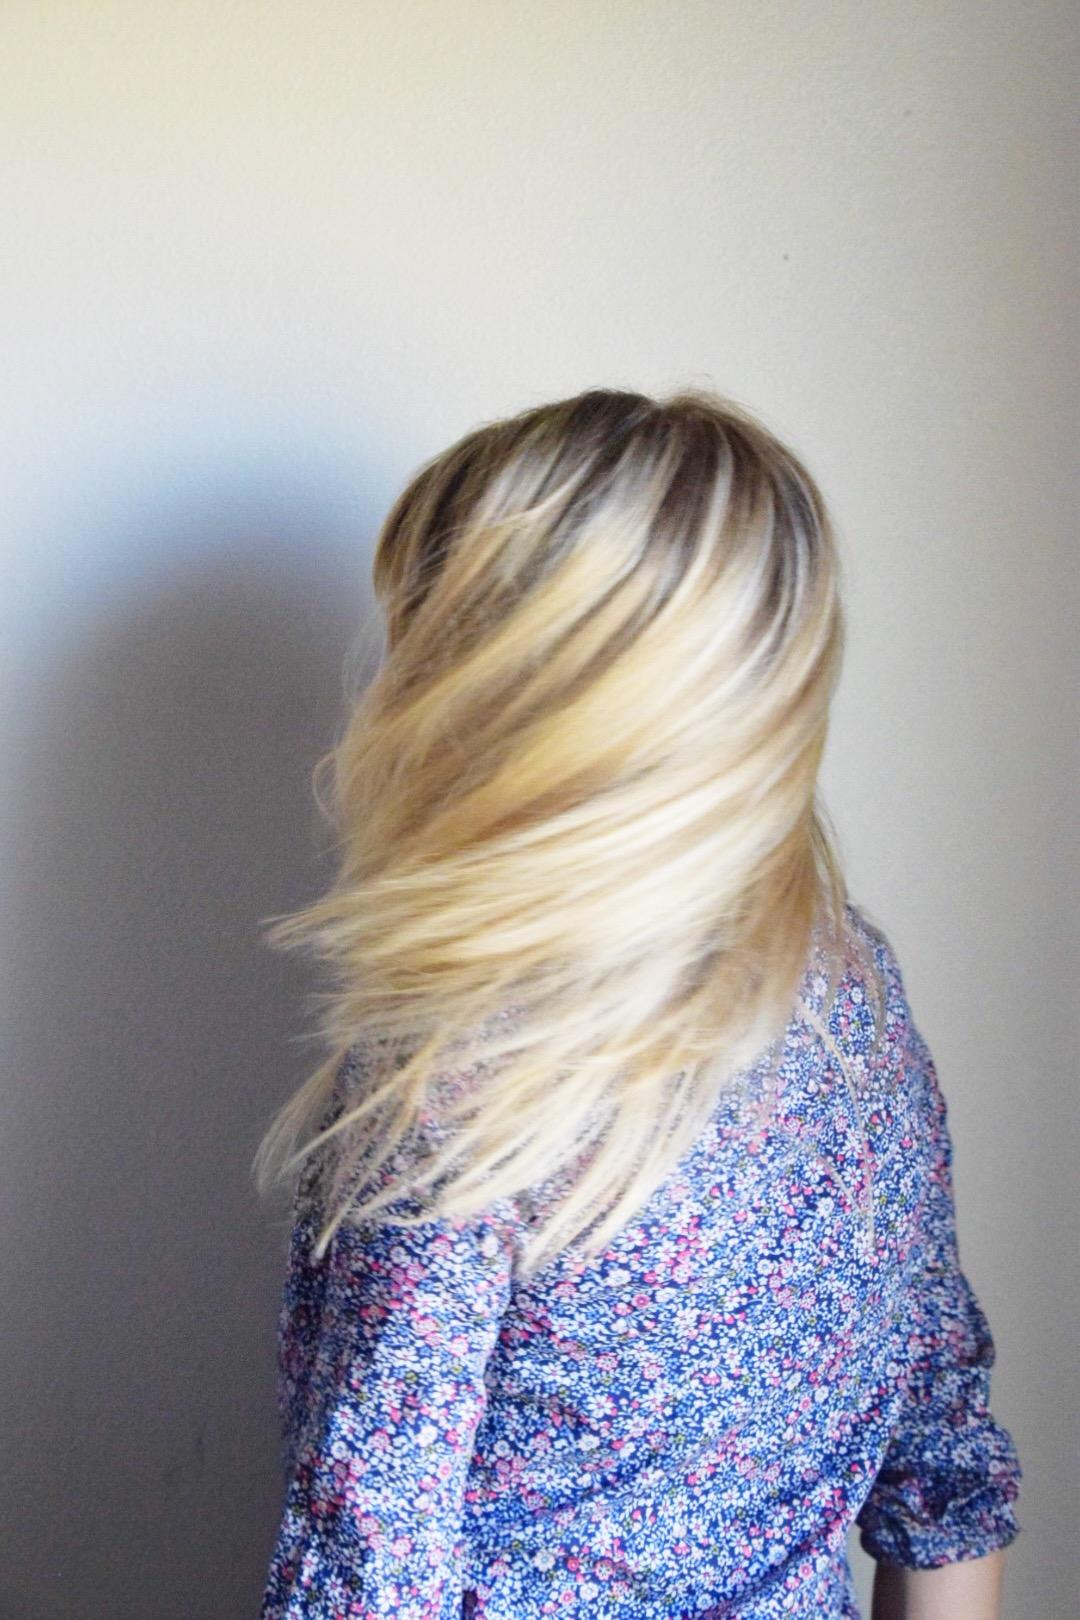 Houston Lifestyle Blogger - Hair Tips - Wander Dust Blog (1).JPG